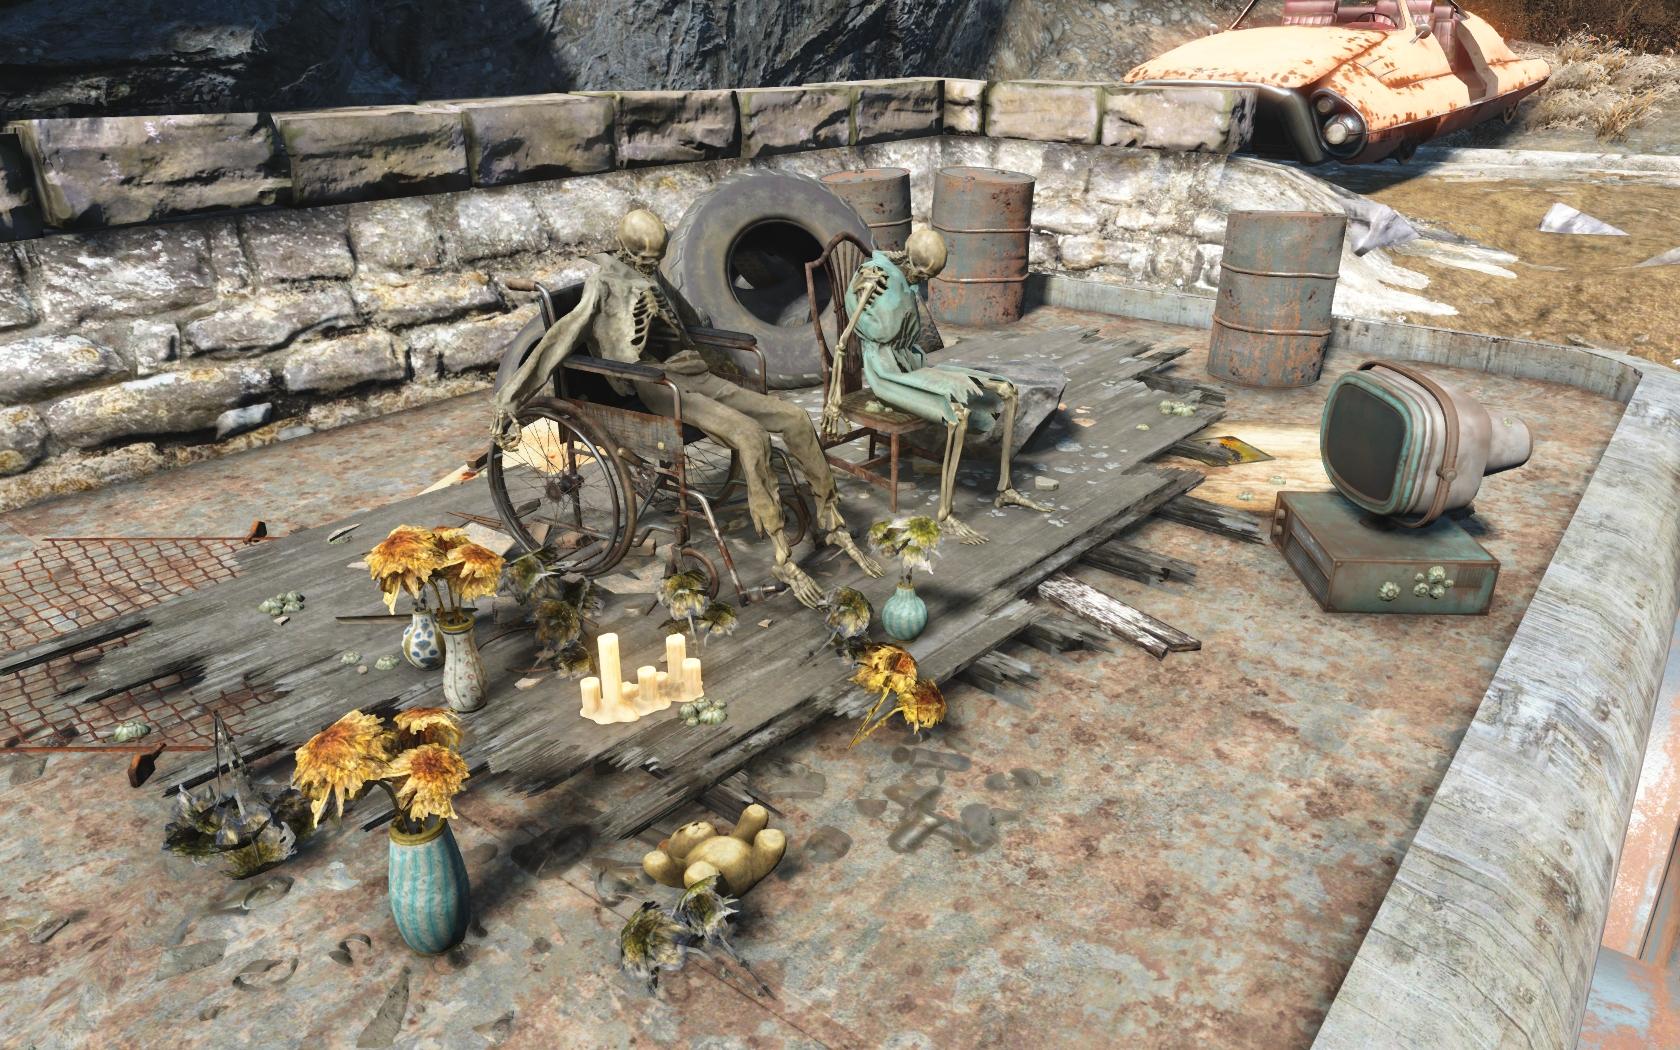 Парочка (на противоположном берегу озера у Альянса) - Fallout 4 Альянс, Скелет, Юмор